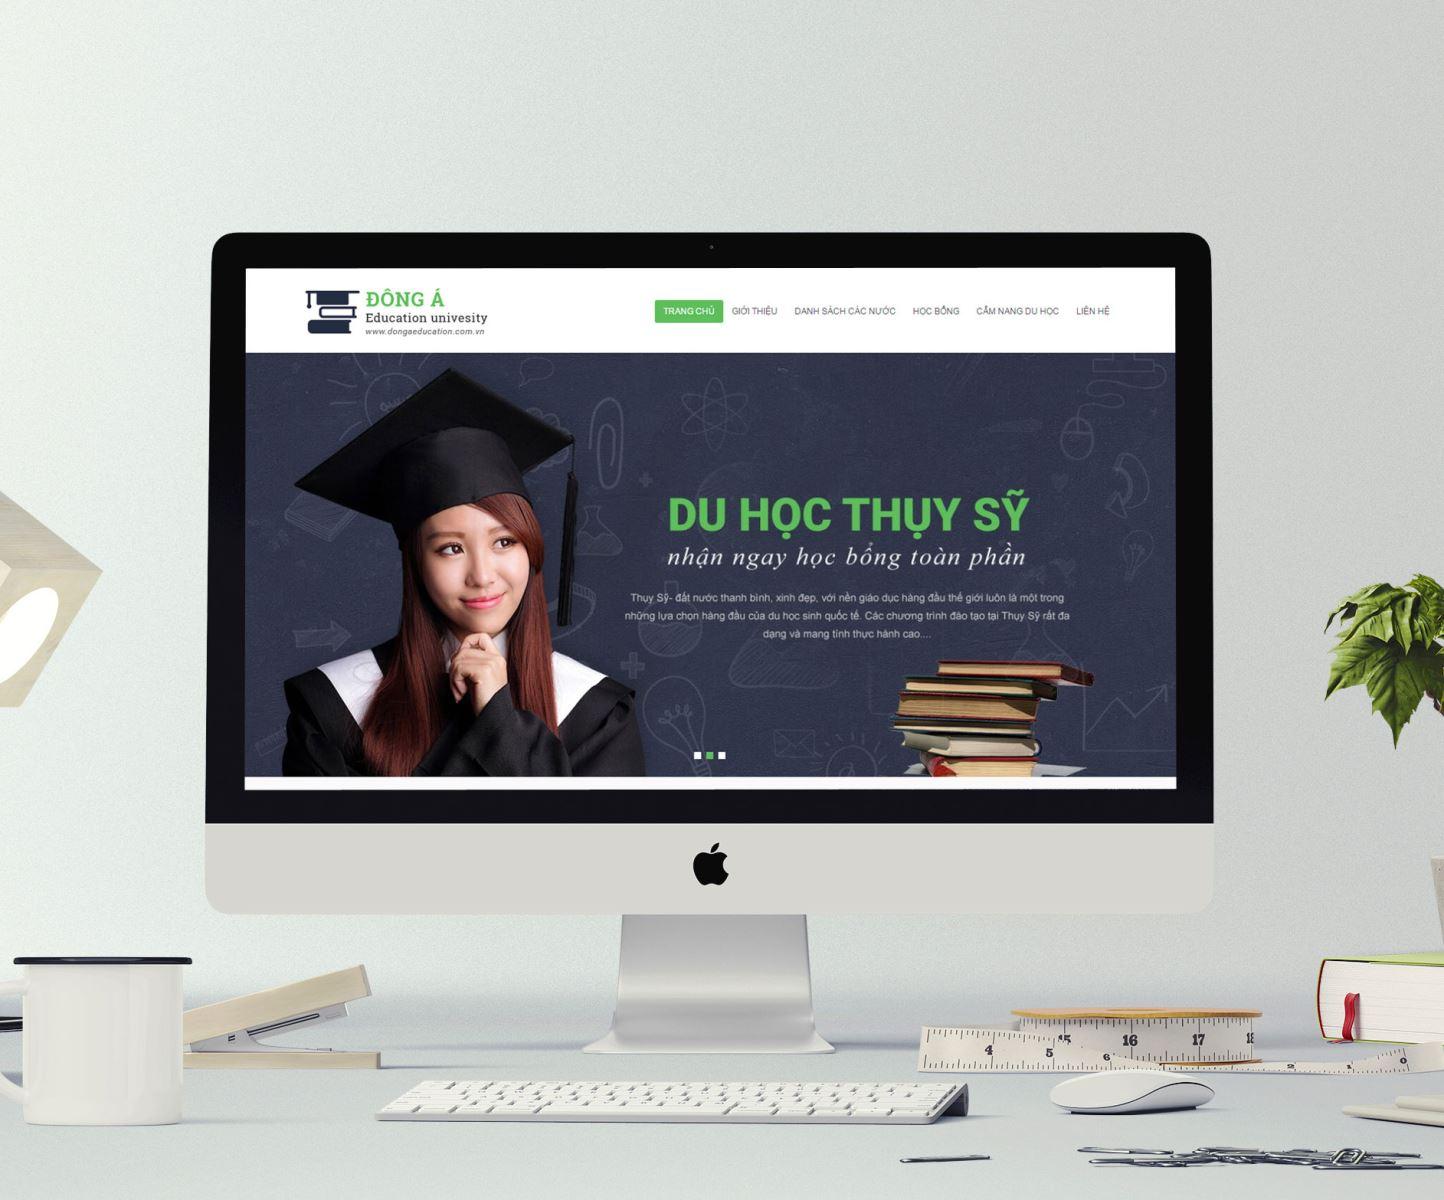 thiết kế trang web du học đẹp chuẩn SEO